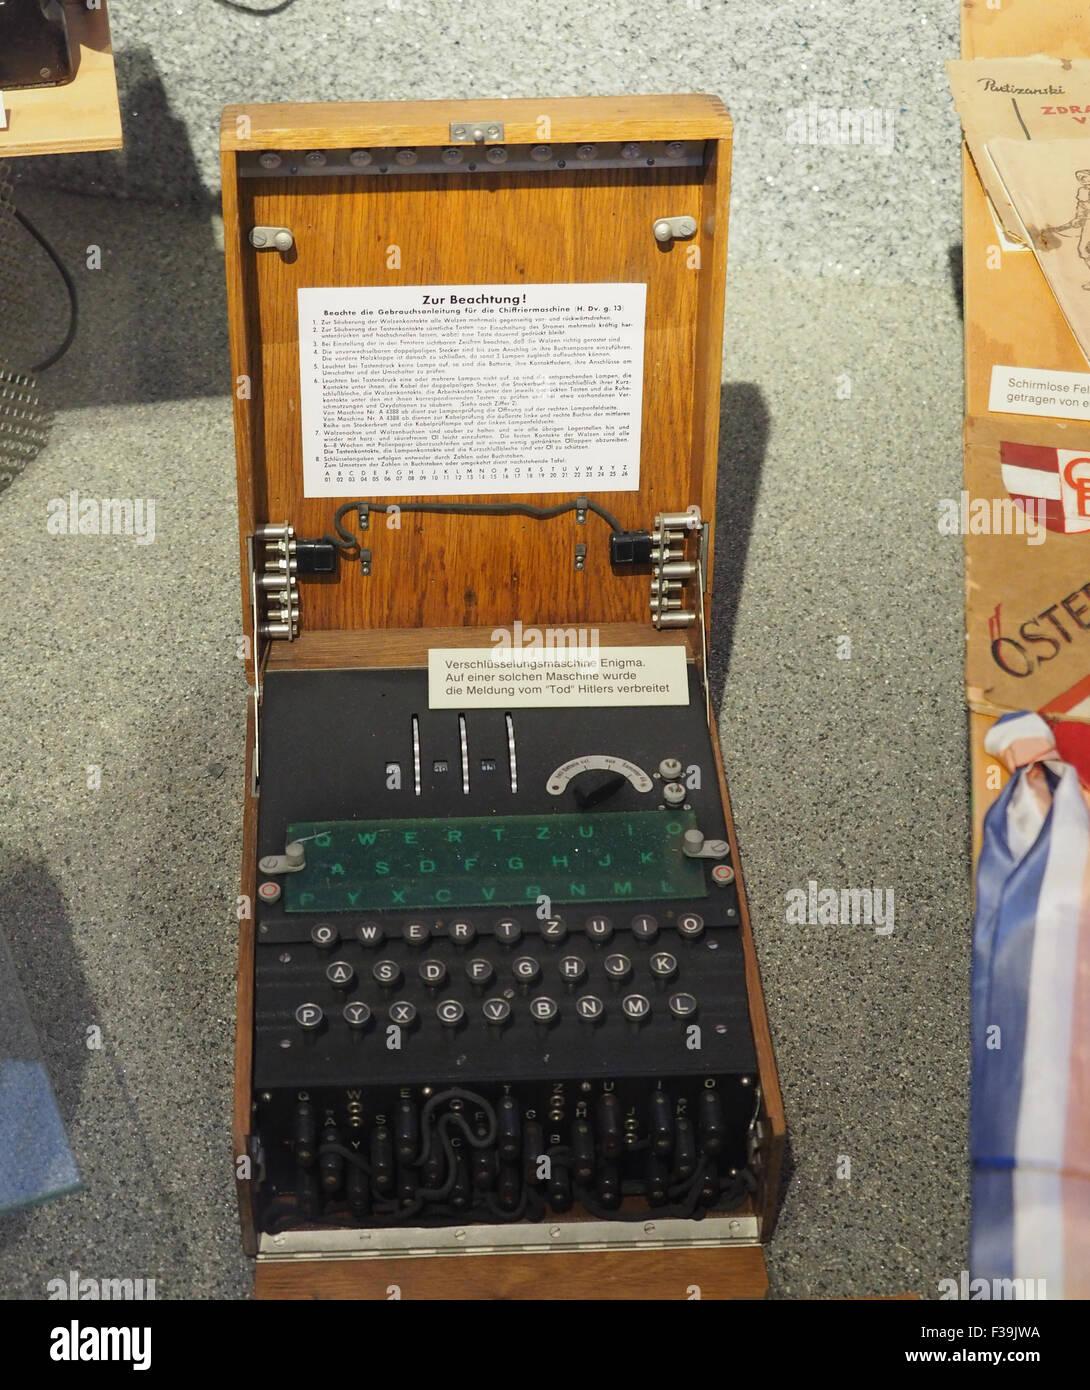 Código Enigma máquina en exhibición en el Museo de Historia Militar en Viena, Austria. Imagen De Stock